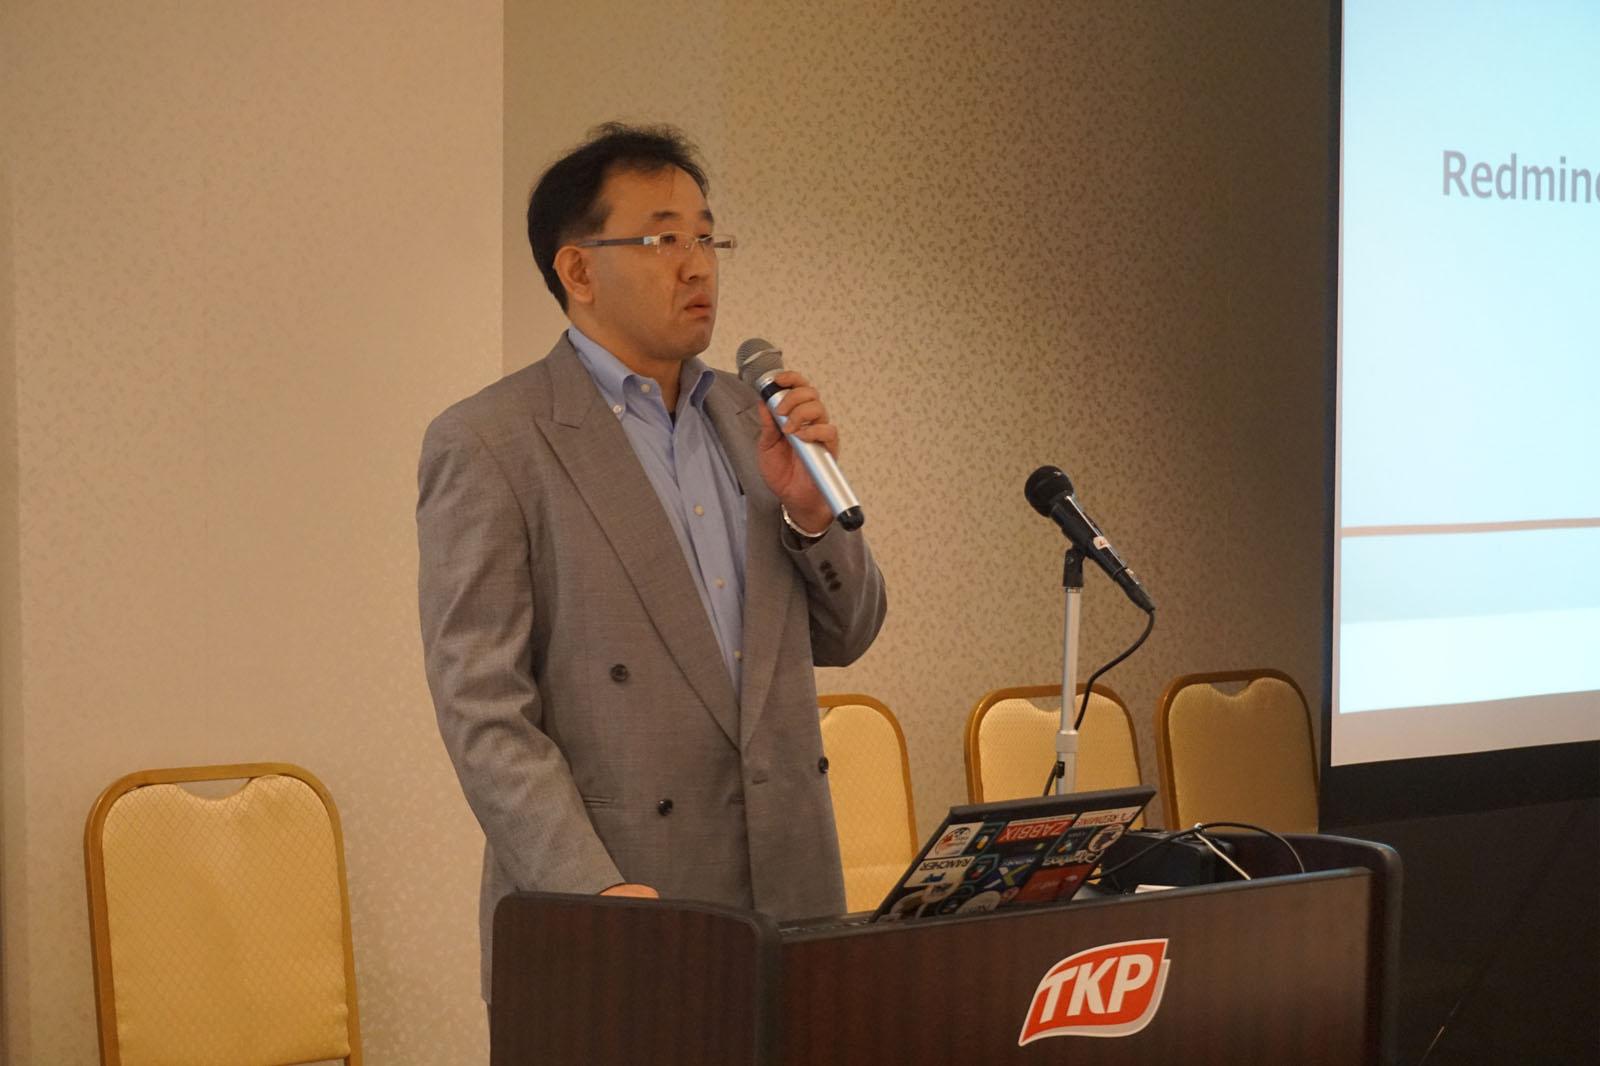 株式会社つうけんアドバンスシステムズ第五事業部 プロジェクトマネージャー蘇田 亮様